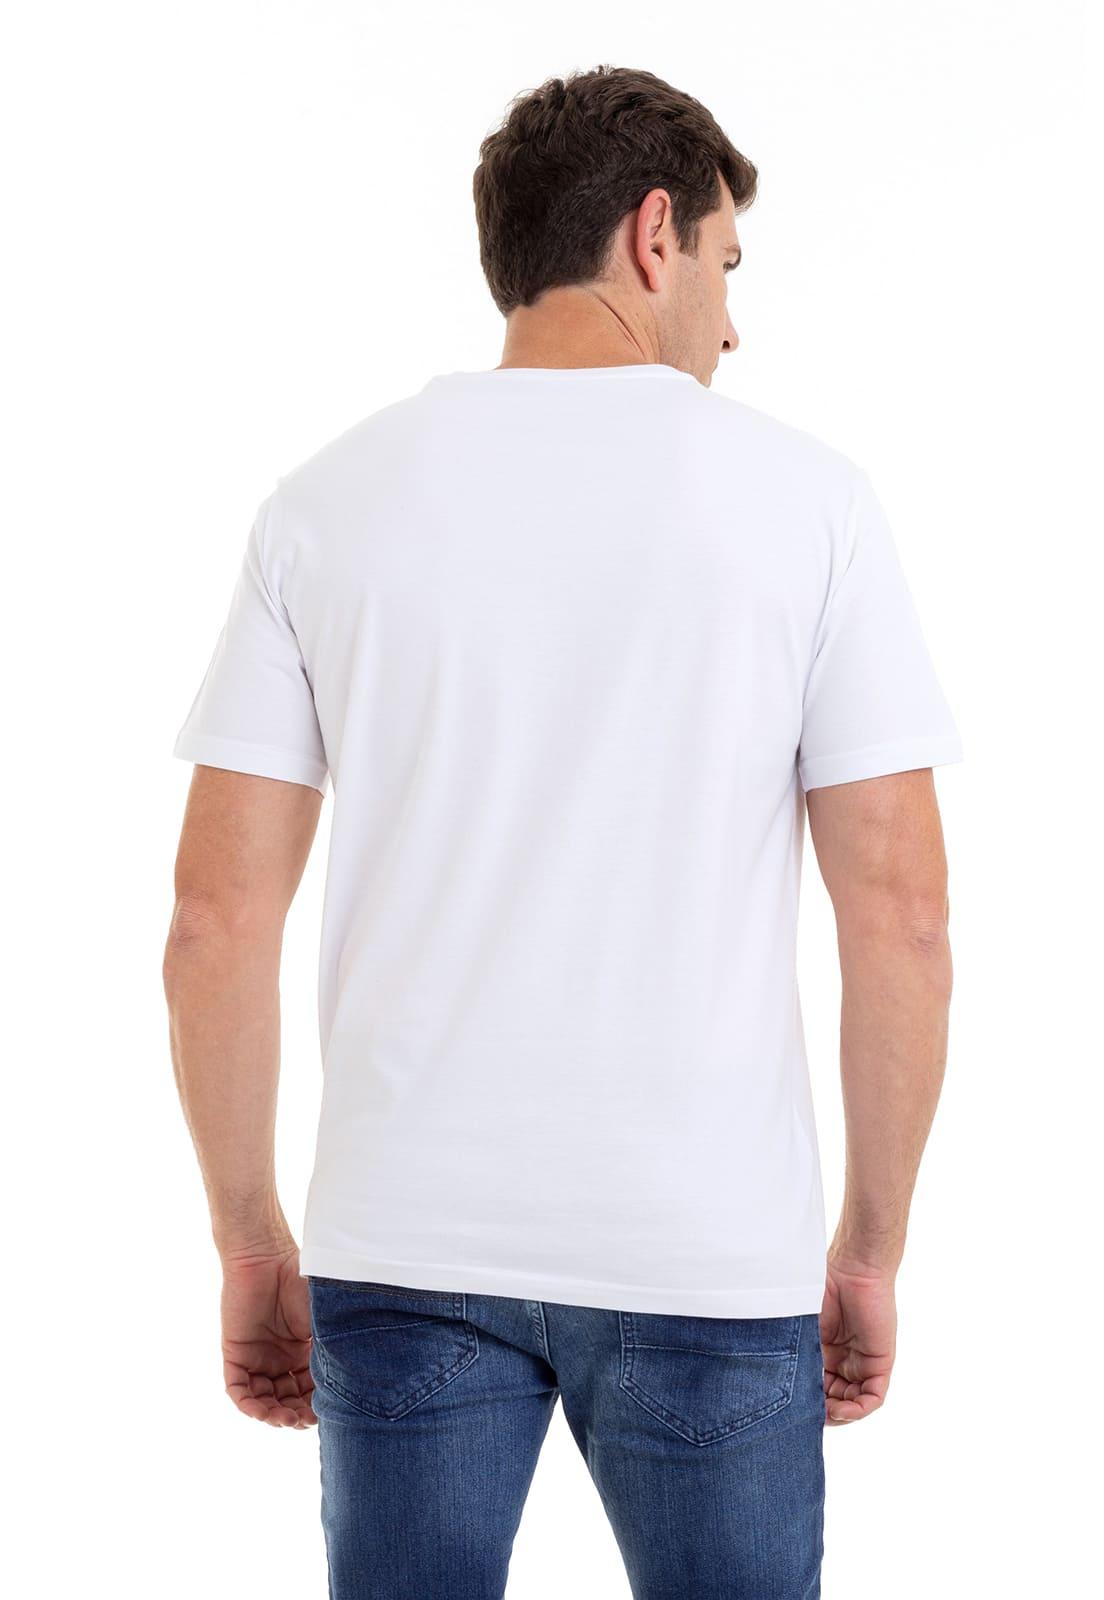 Camiseta Hifen Básica Branca